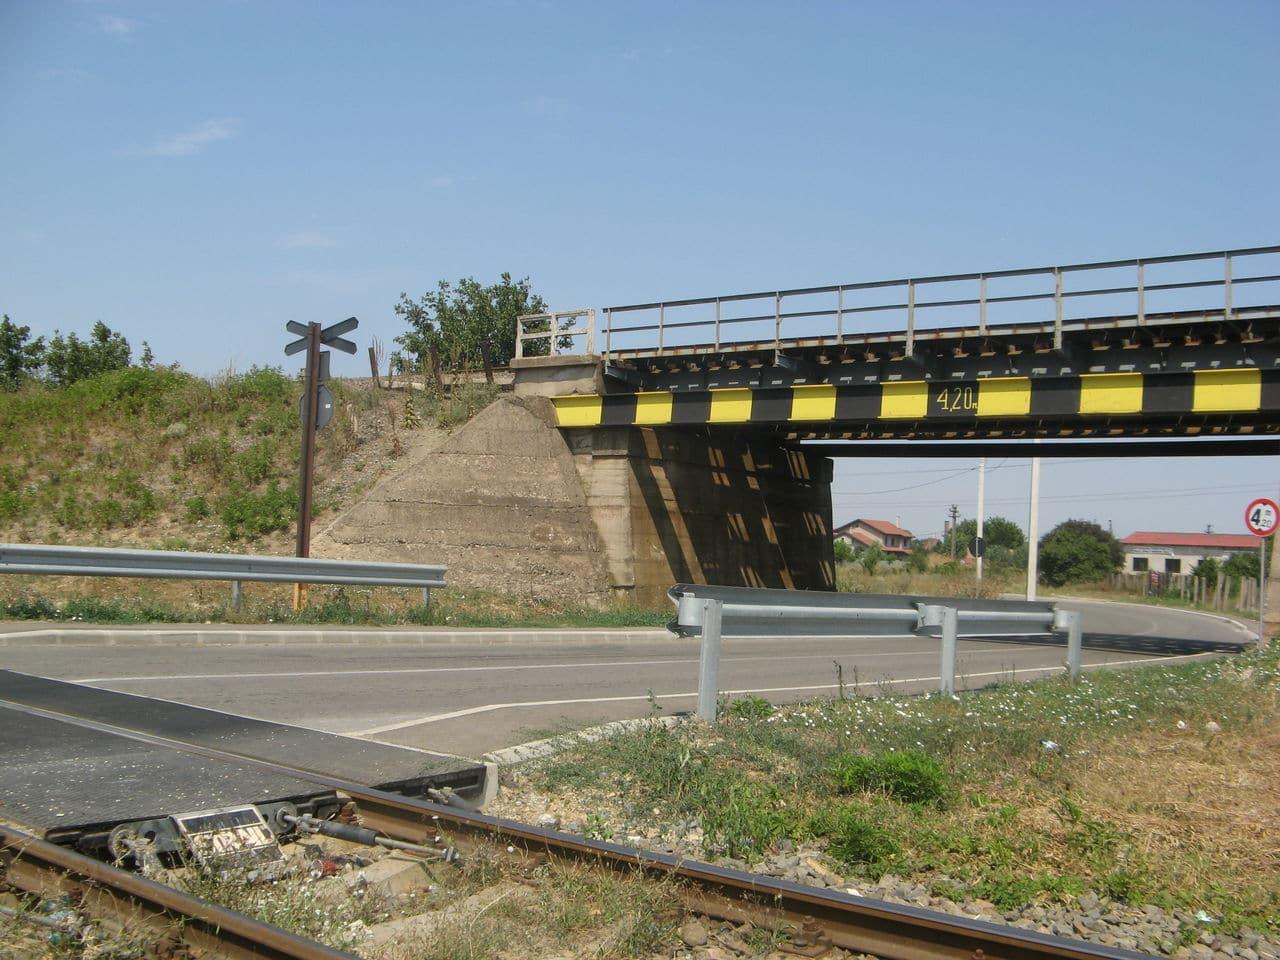 Calea ferată directă Oradea Vest - Episcopia Bihor IMG_0060